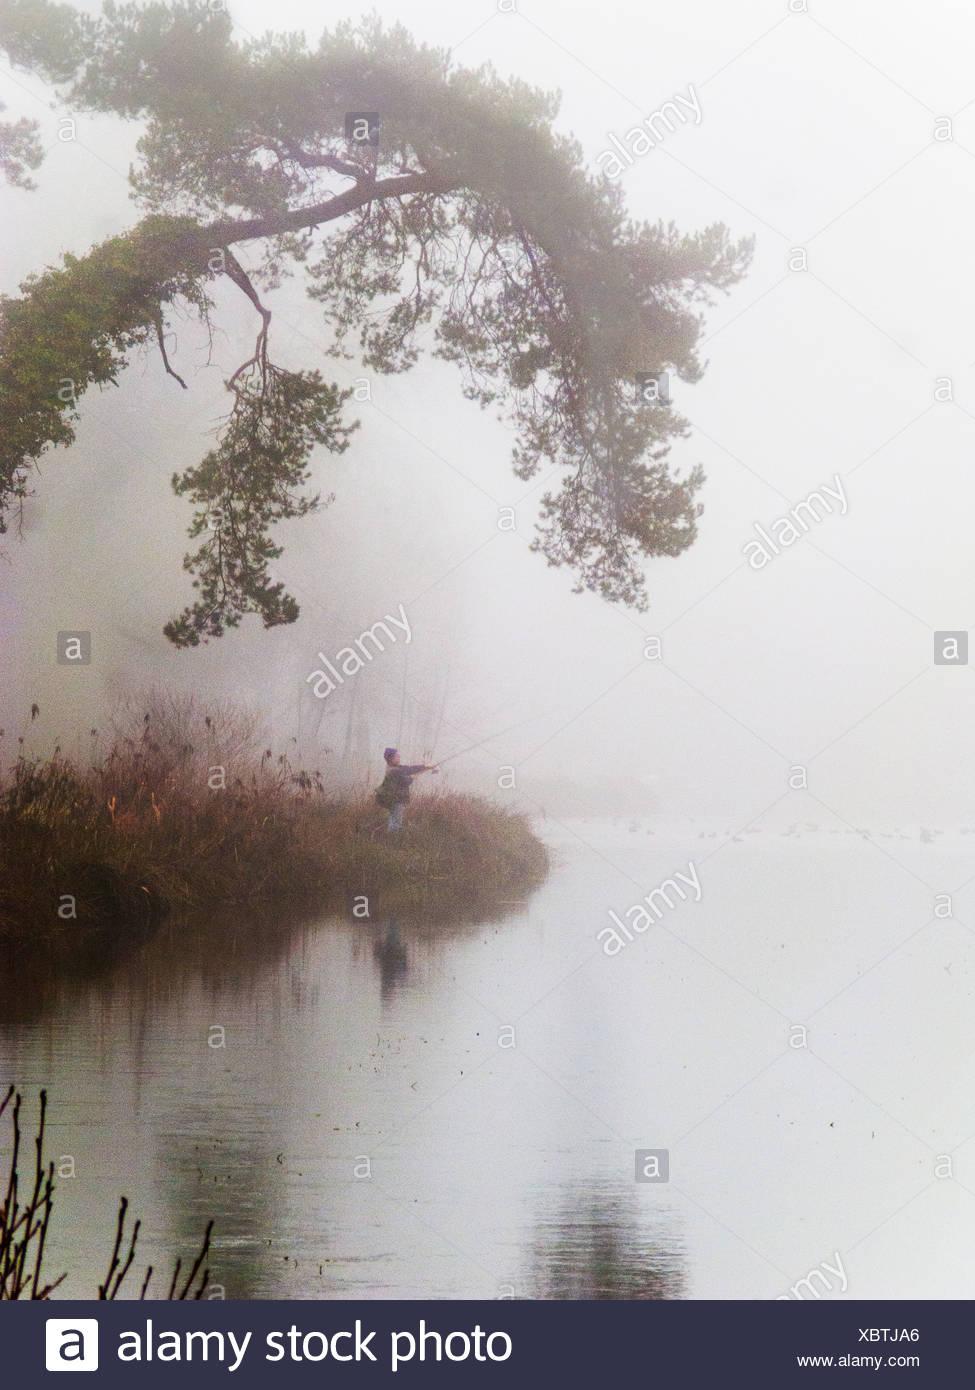 La pêche sur les rives de brouillard personne Photo Stock